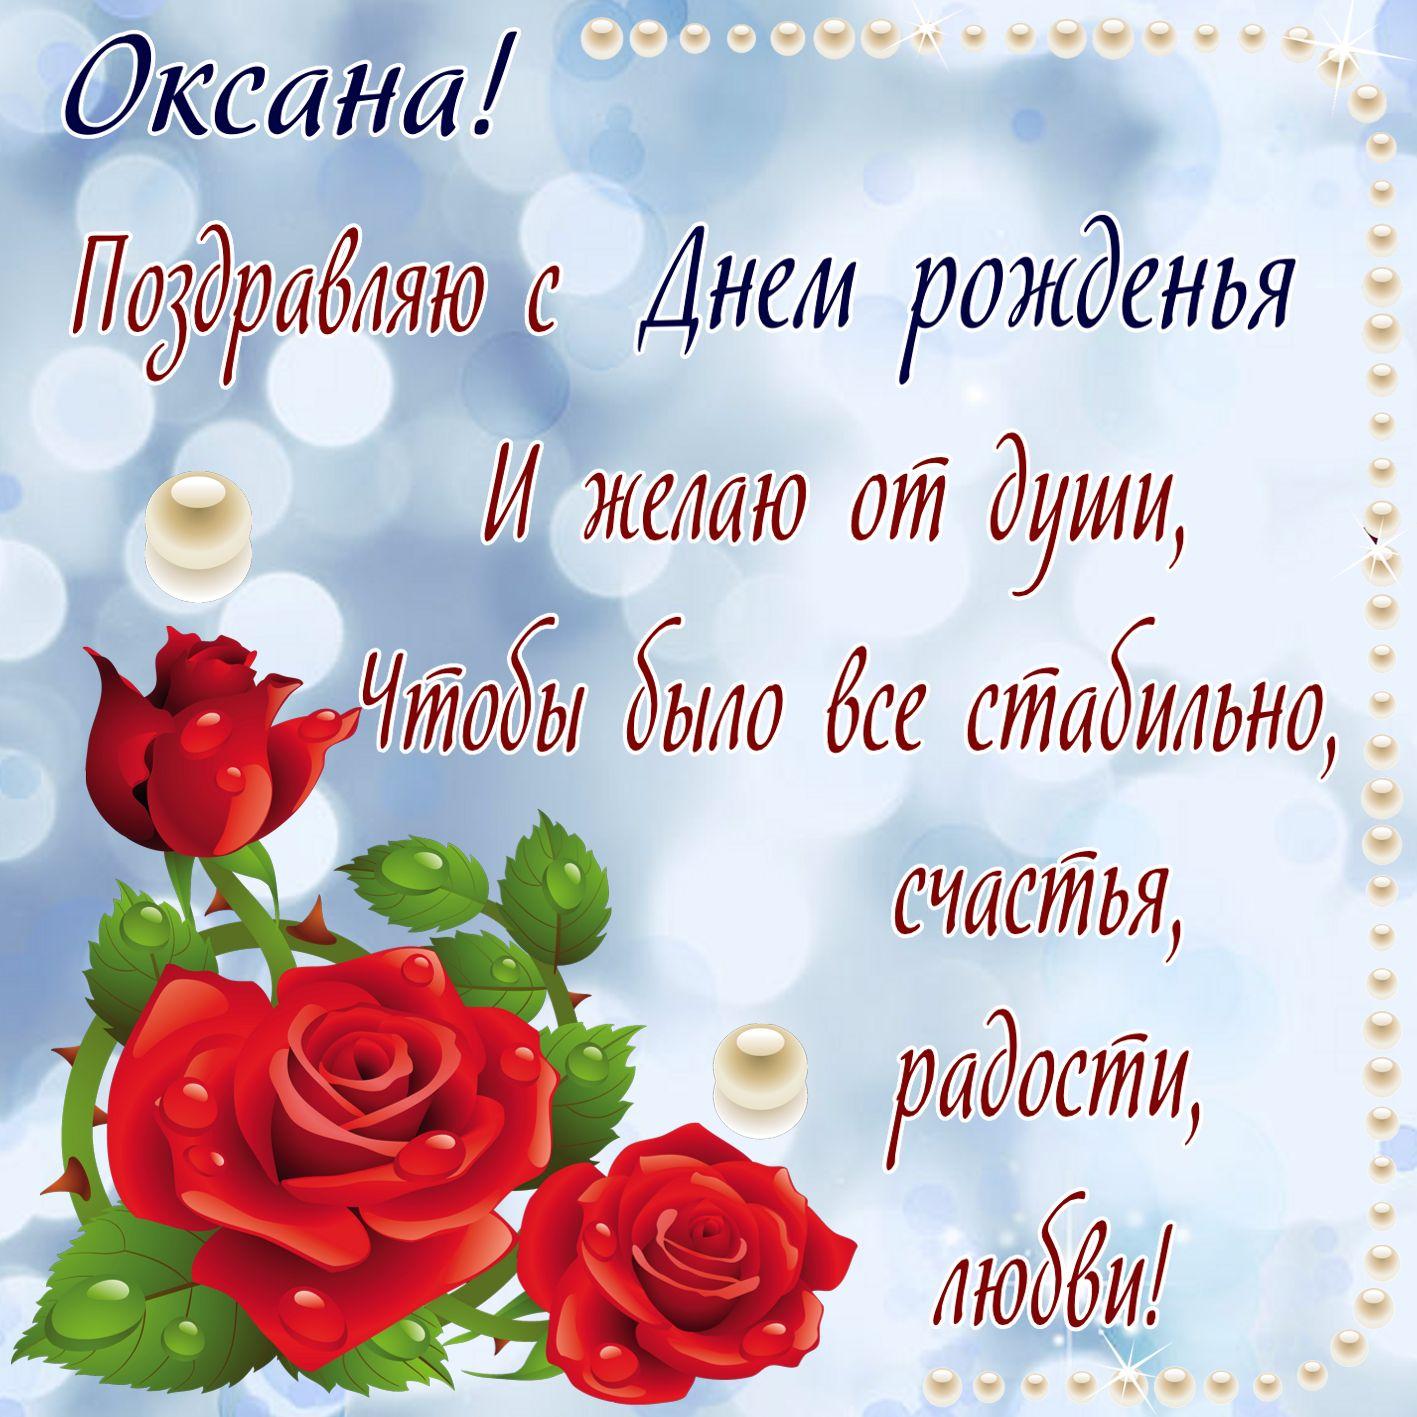 Оксана поздравления 24